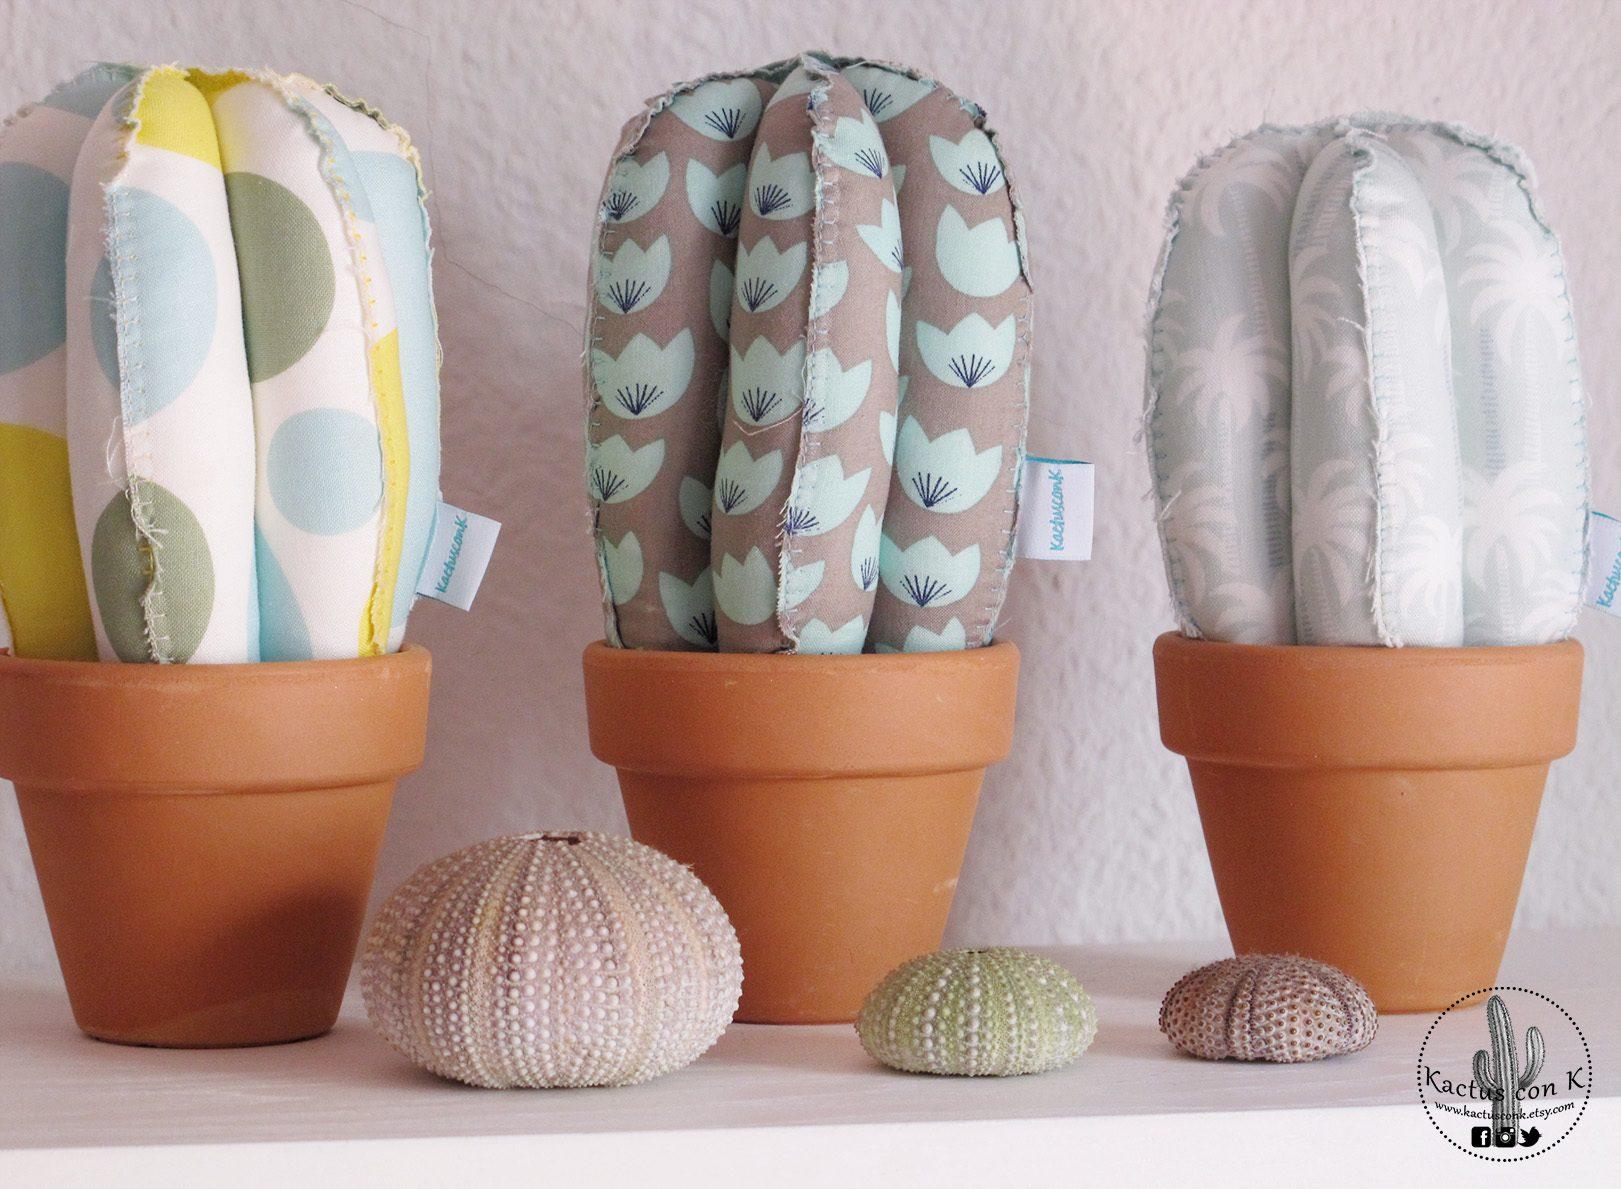 Kaktus Konk, un ejemplo de cómo hacer lo que te apasiona